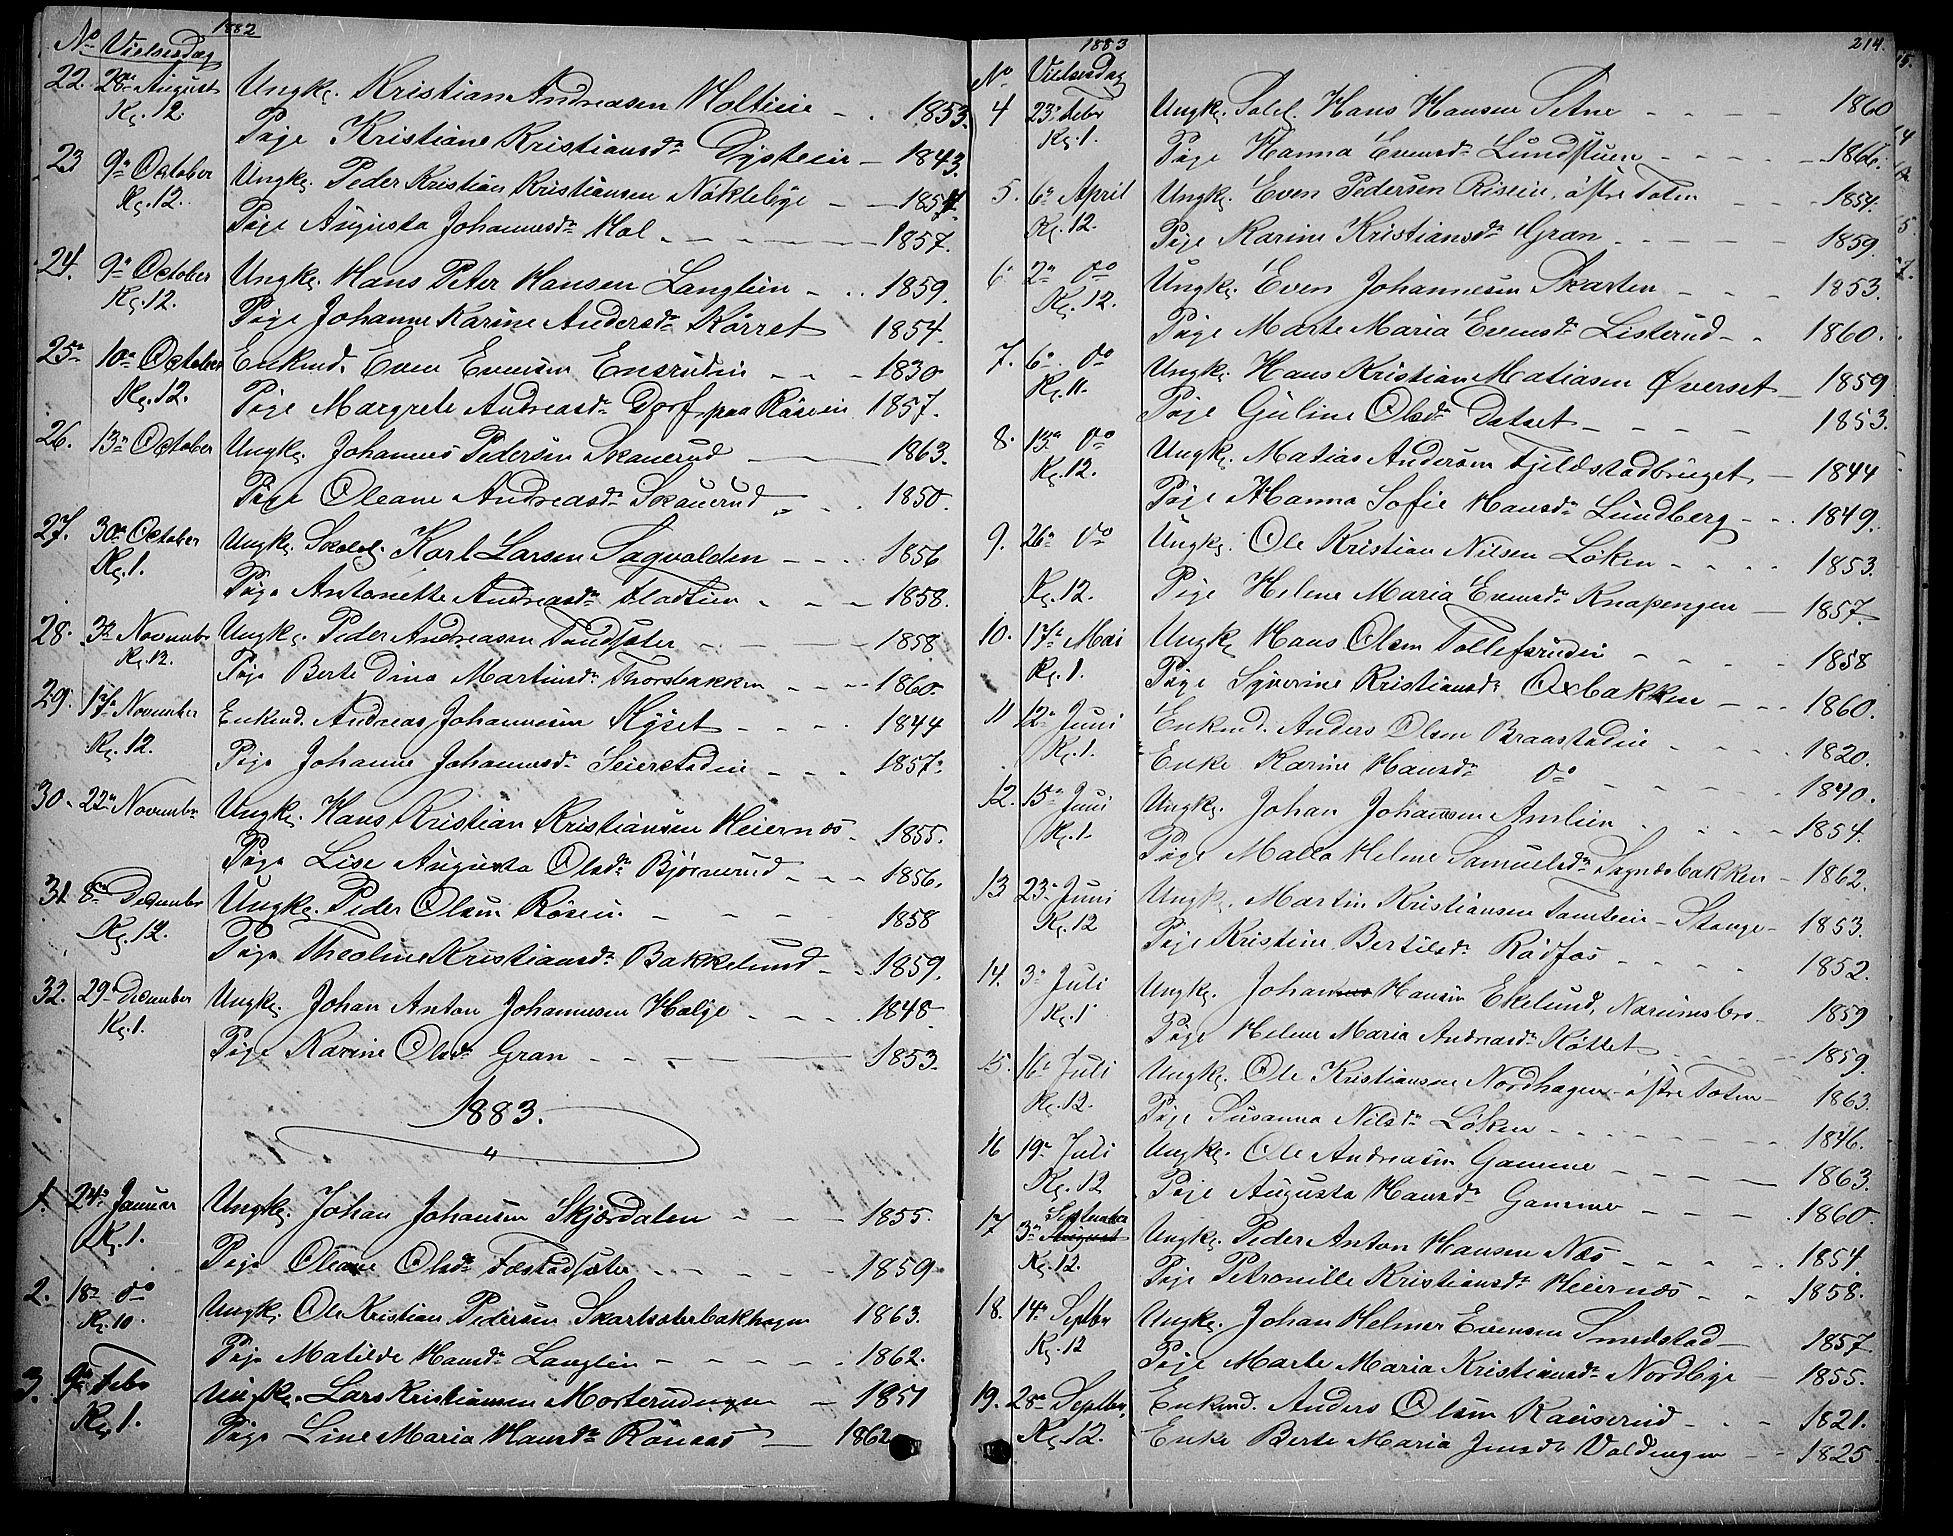 SAH, Vestre Toten prestekontor, H/Ha/Hab/L0006: Klokkerbok nr. 6, 1870-1887, s. 214